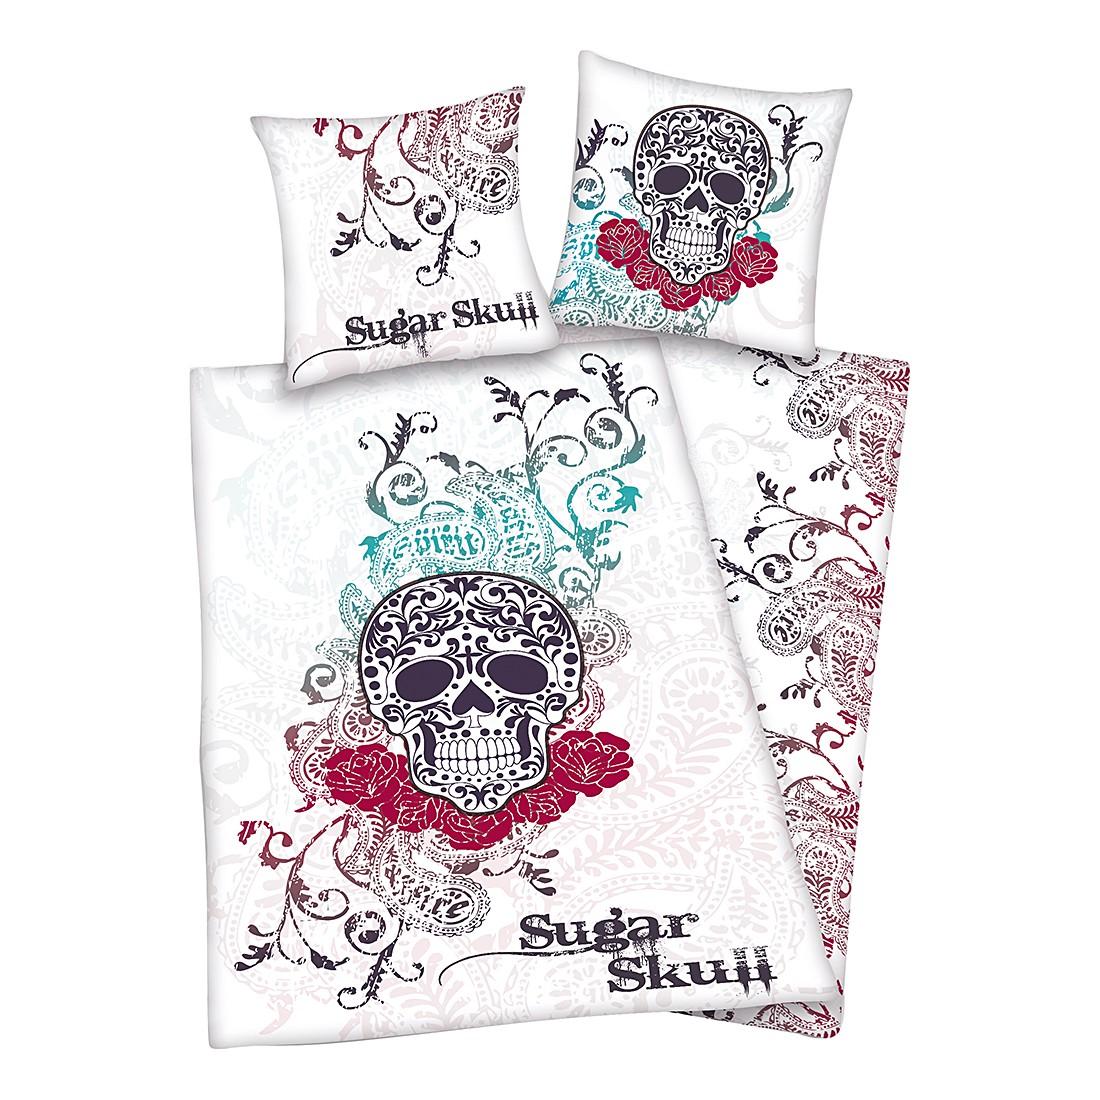 Bettwäsche Sugar Skulls – Microfaser/Weiß, Herding kaufen